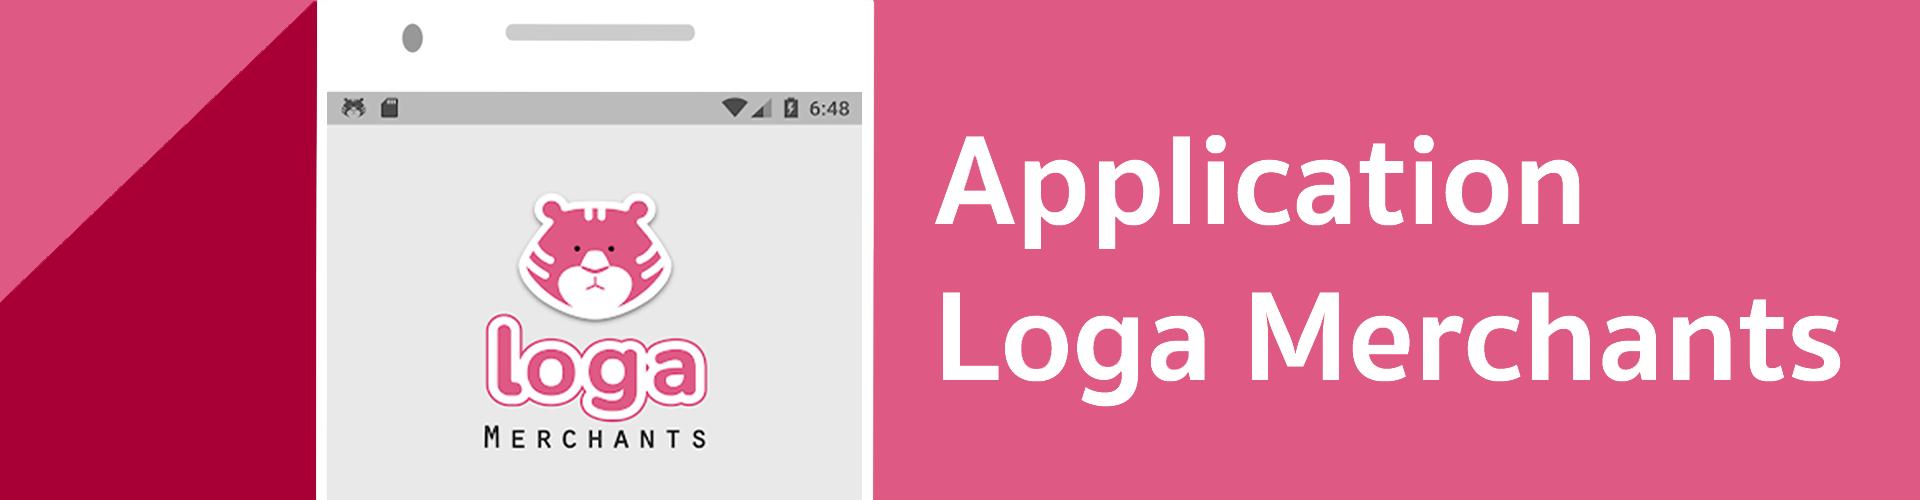 แอปพลิเคชัน Loga Merchants